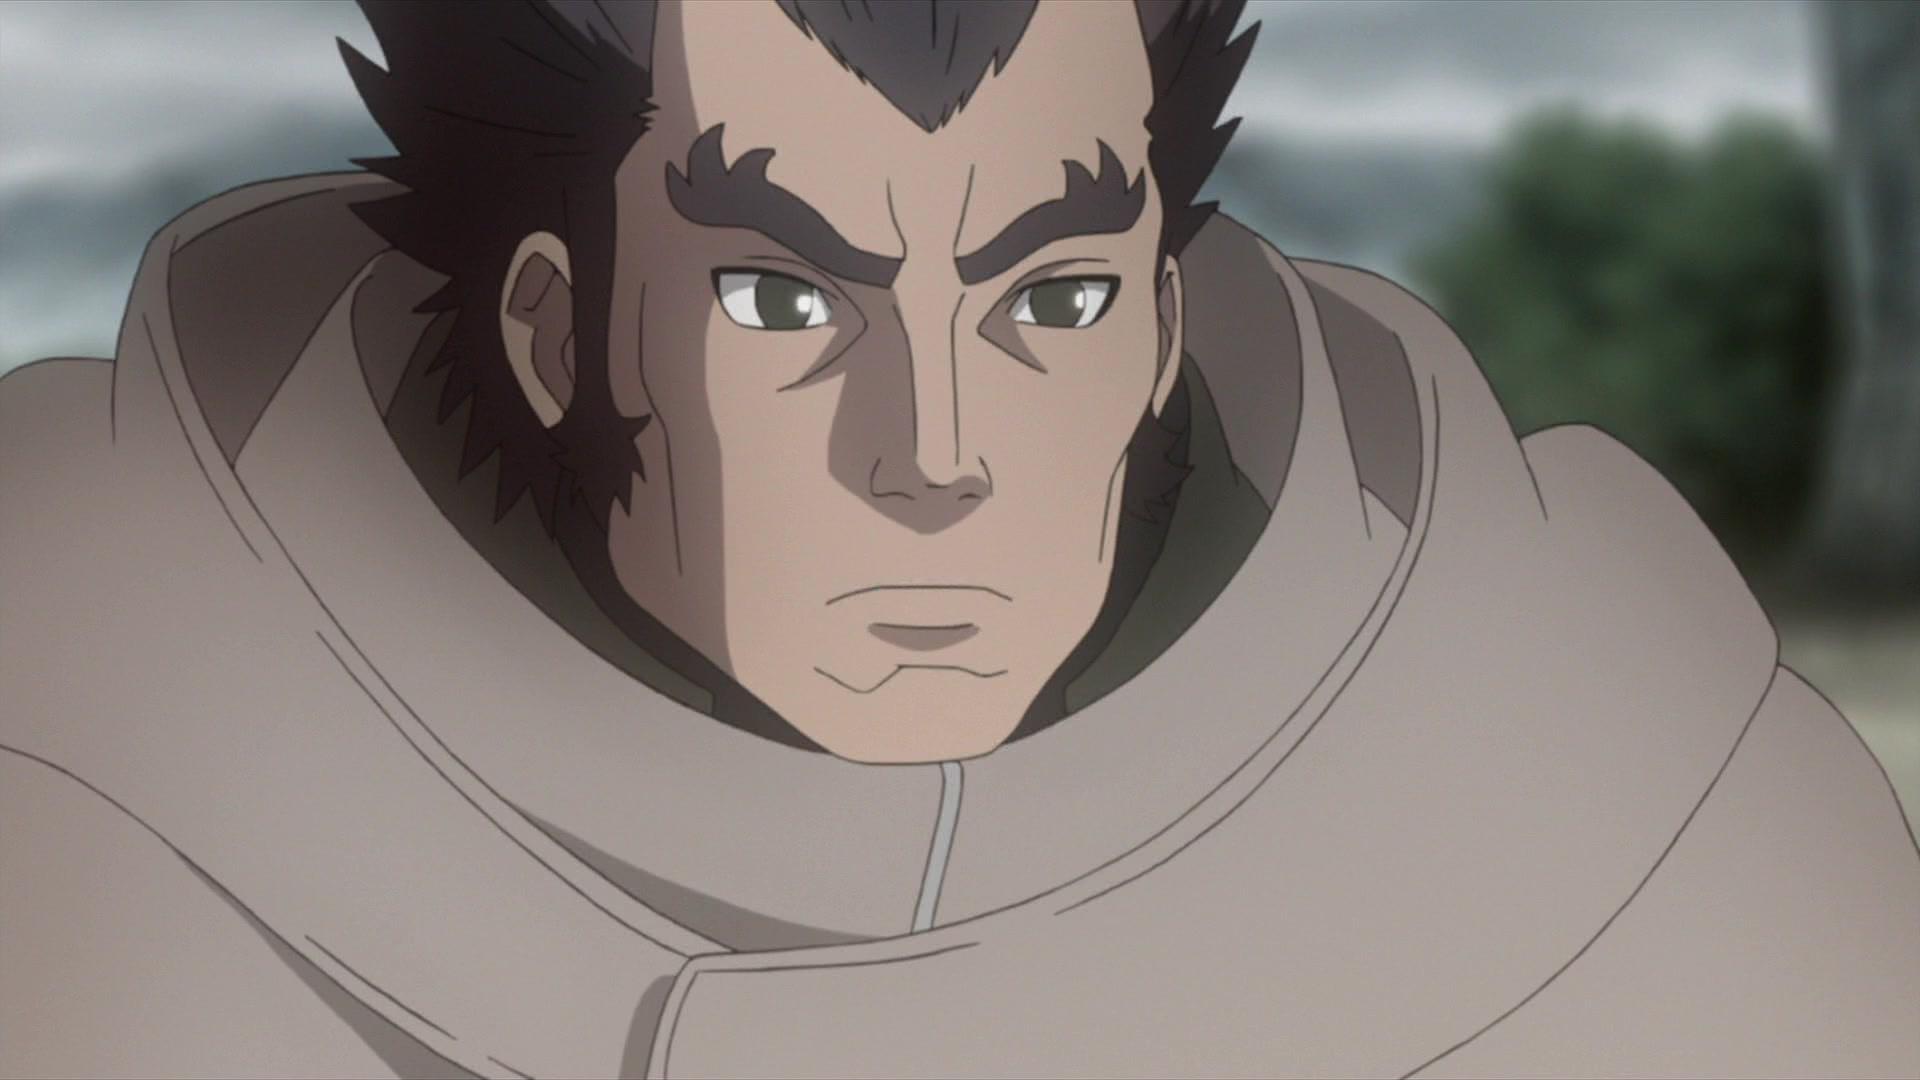 Naruto Shippuden: Season 17 Episode 491, Shikamaru's Story, A Cloud